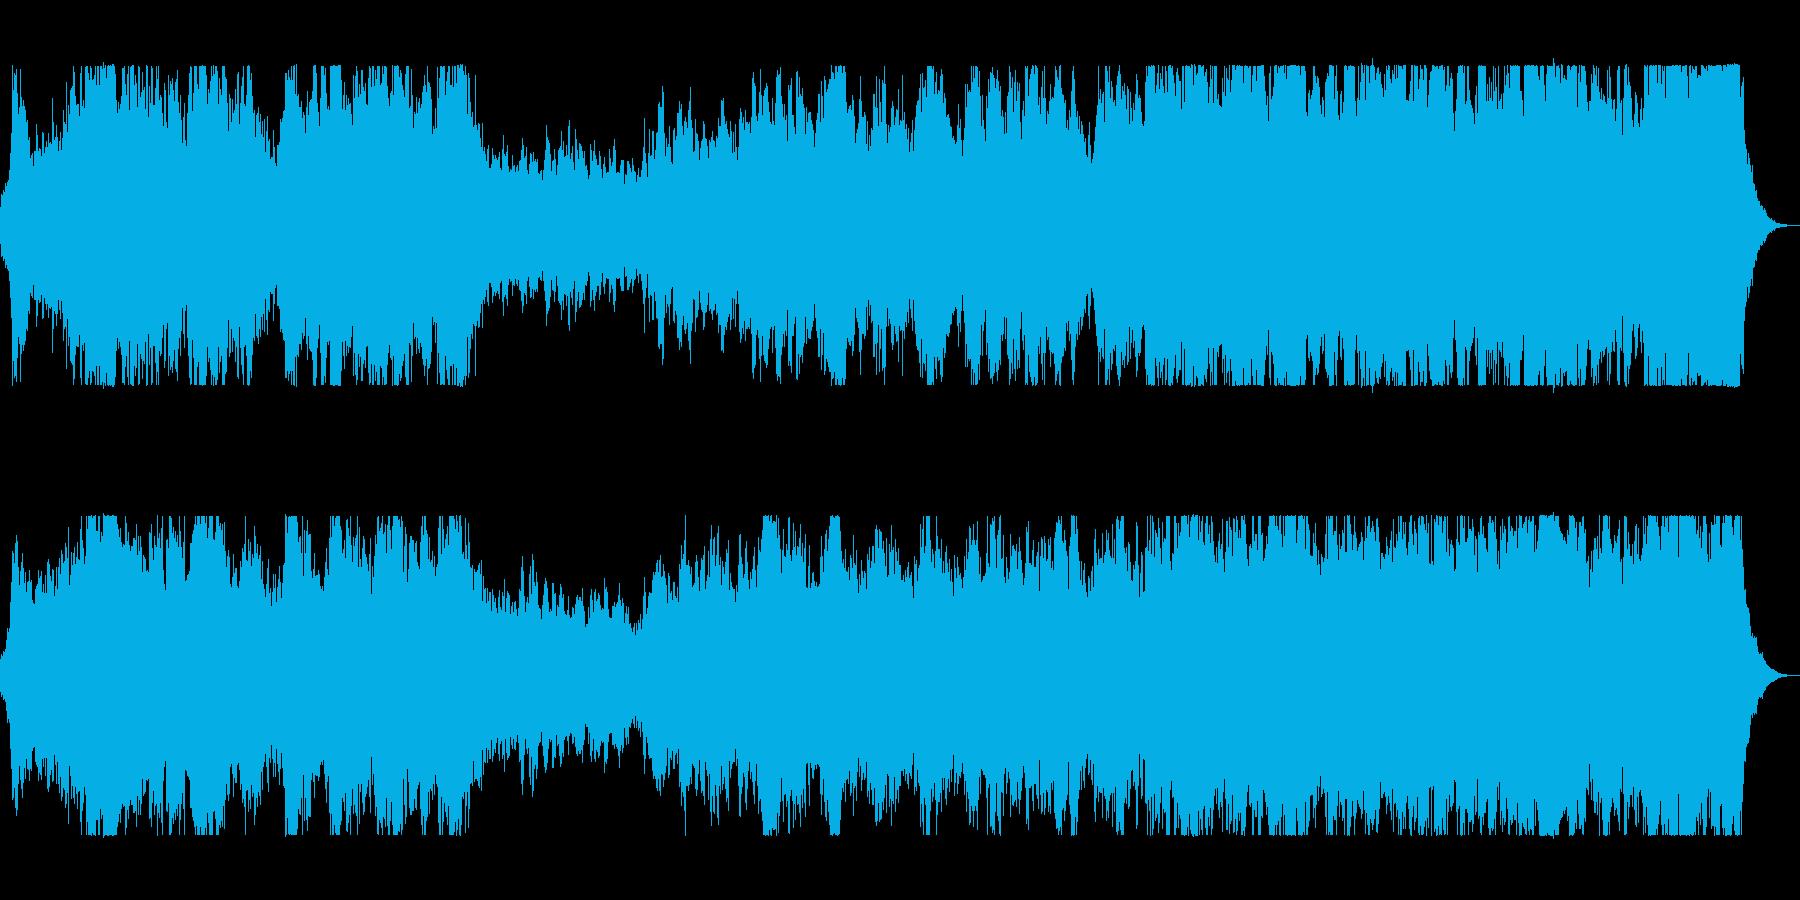 吹奏楽器が雄大さを表現するオーケストラの再生済みの波形